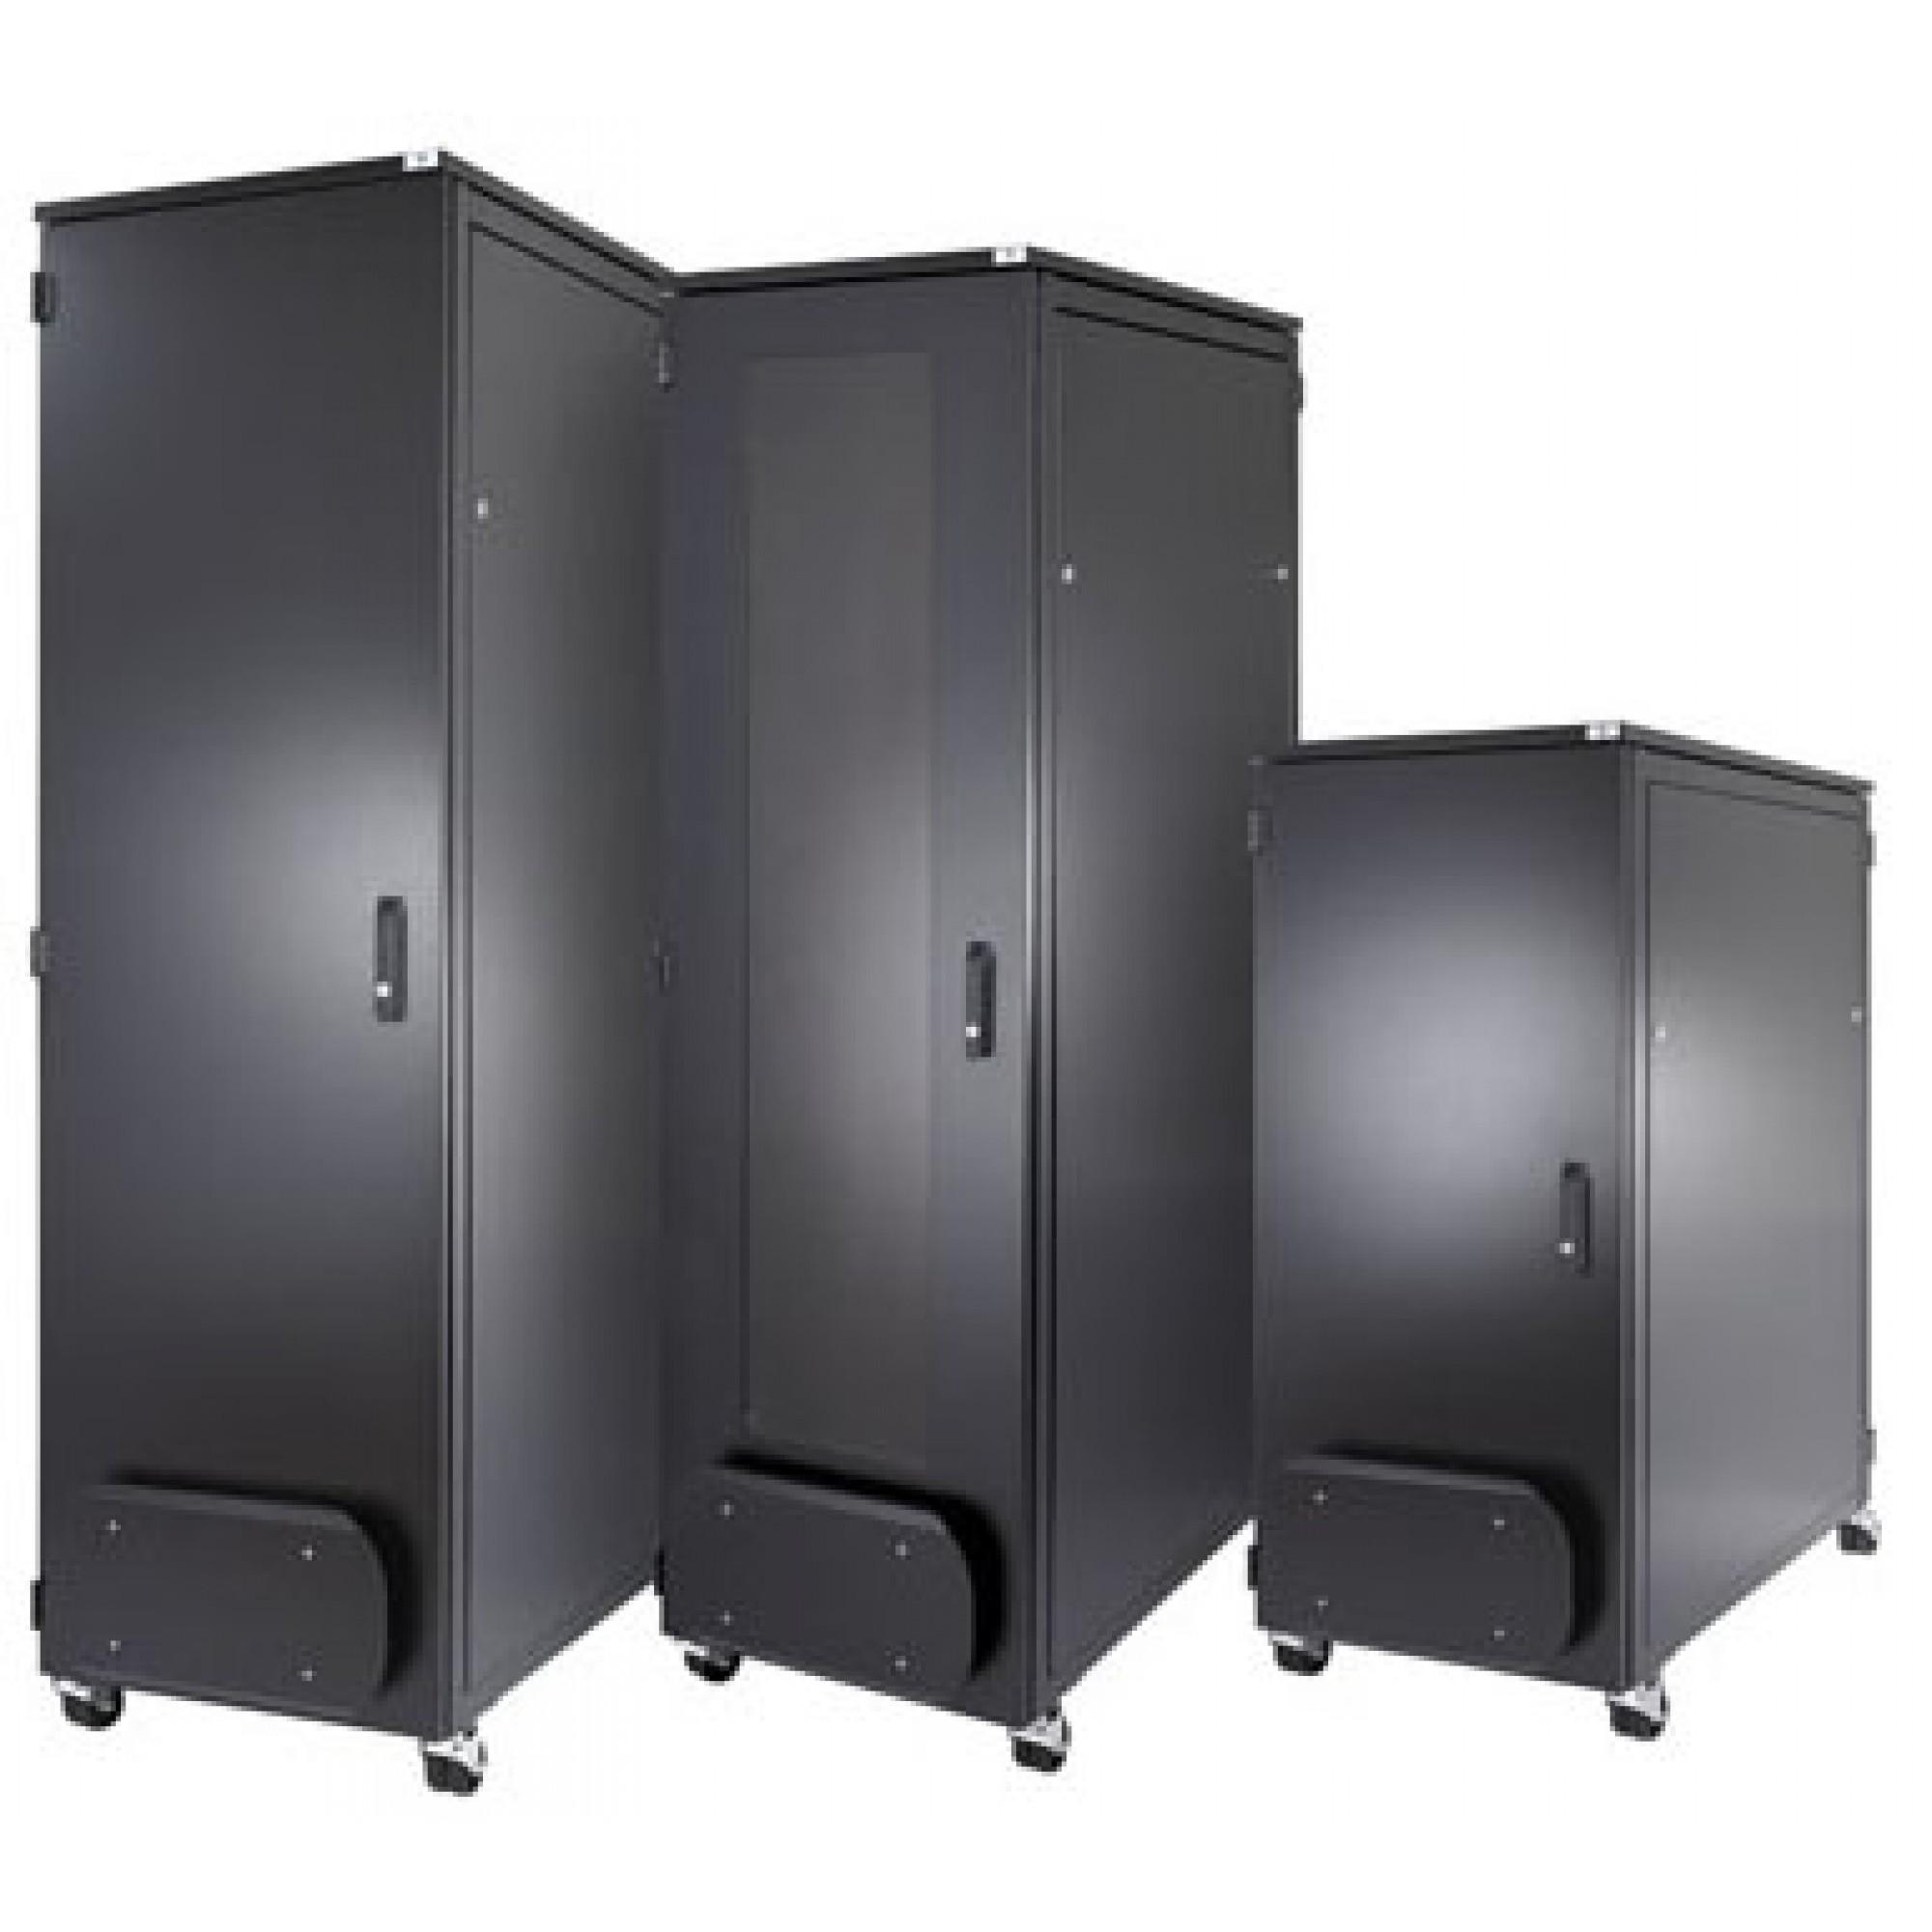 ABNET Cabinet 32U-800, gồm 2 quạt, 1 ổ cắm 6 Outlet 32U800